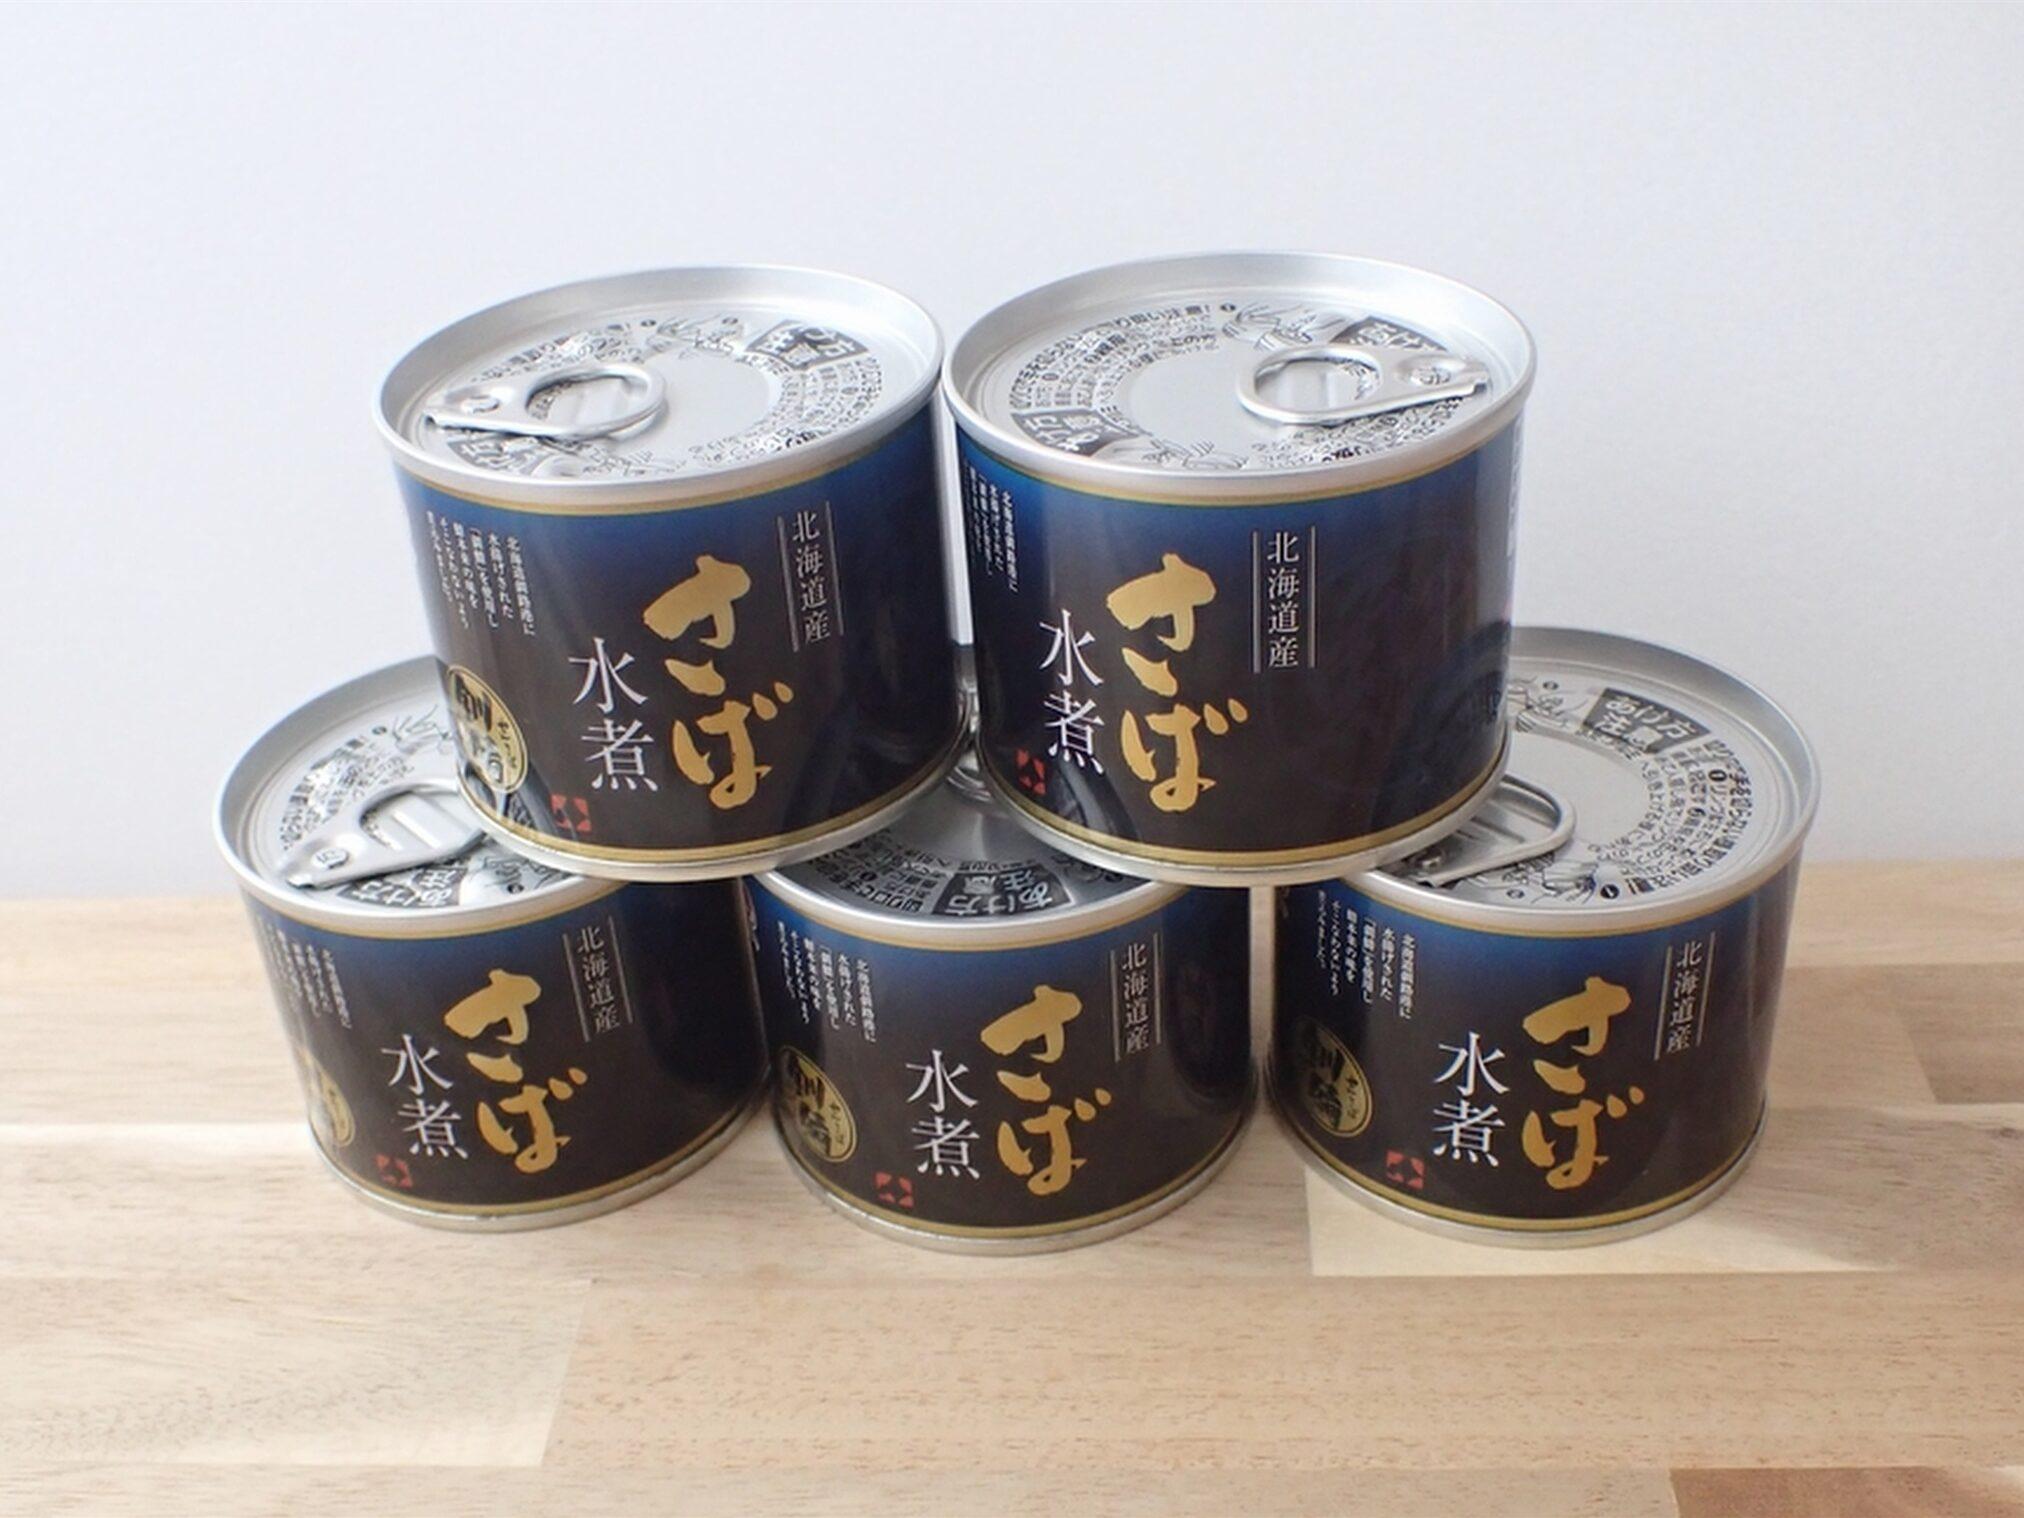 北海道釧路産 高級さば水煮缶詰 おいしいさば缶